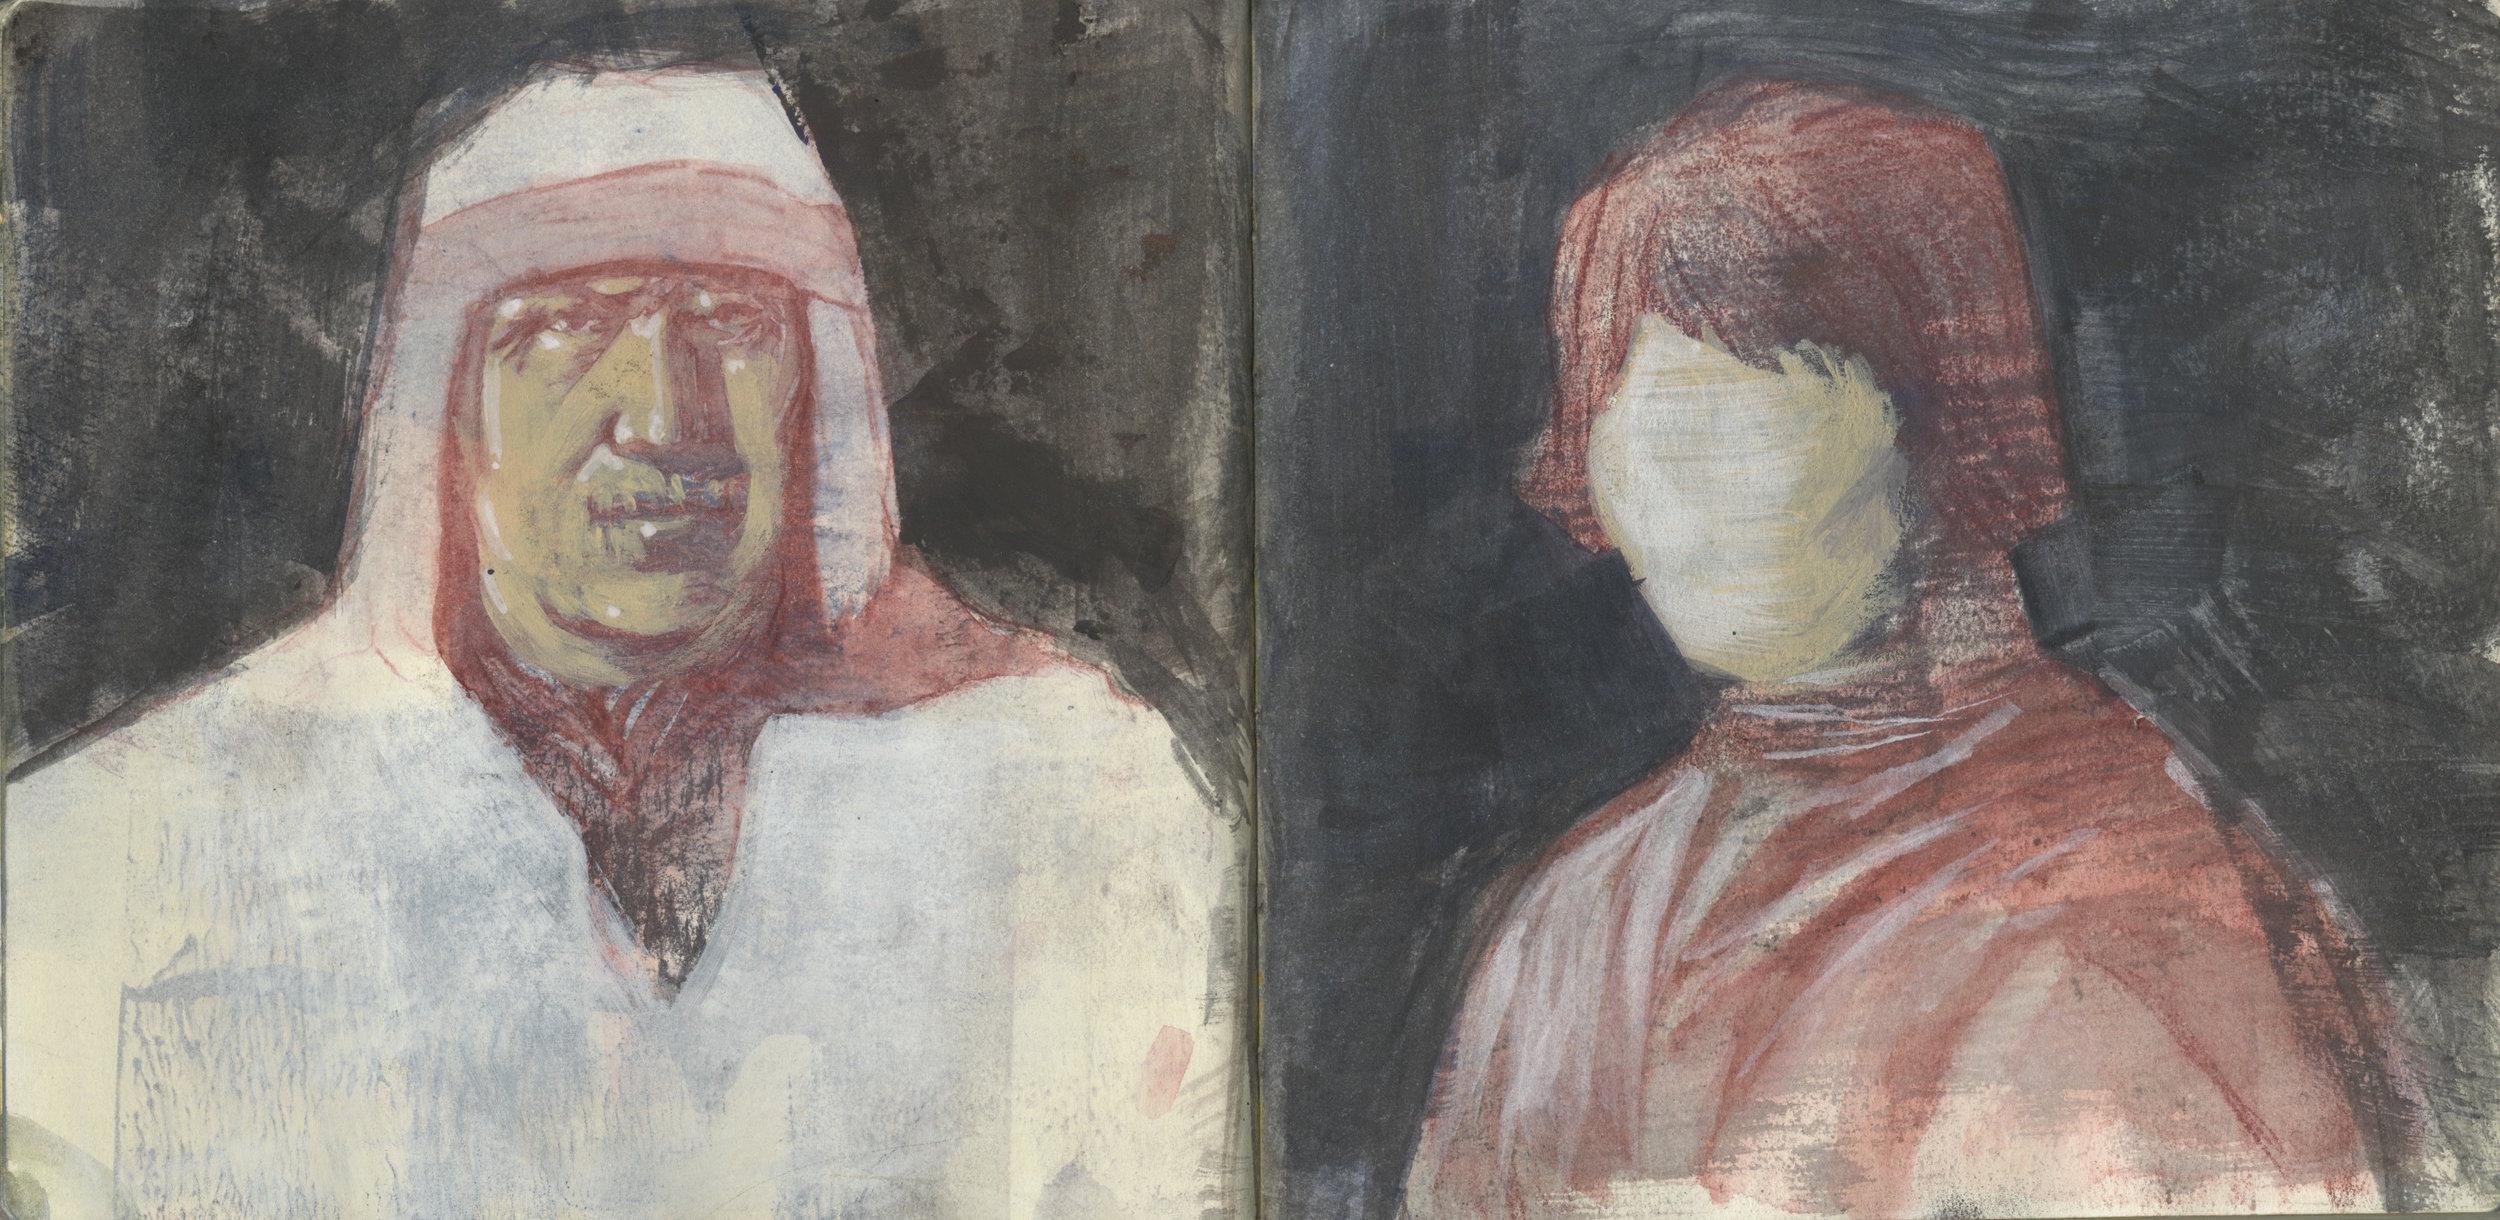 sketchbook1 4.jpeg